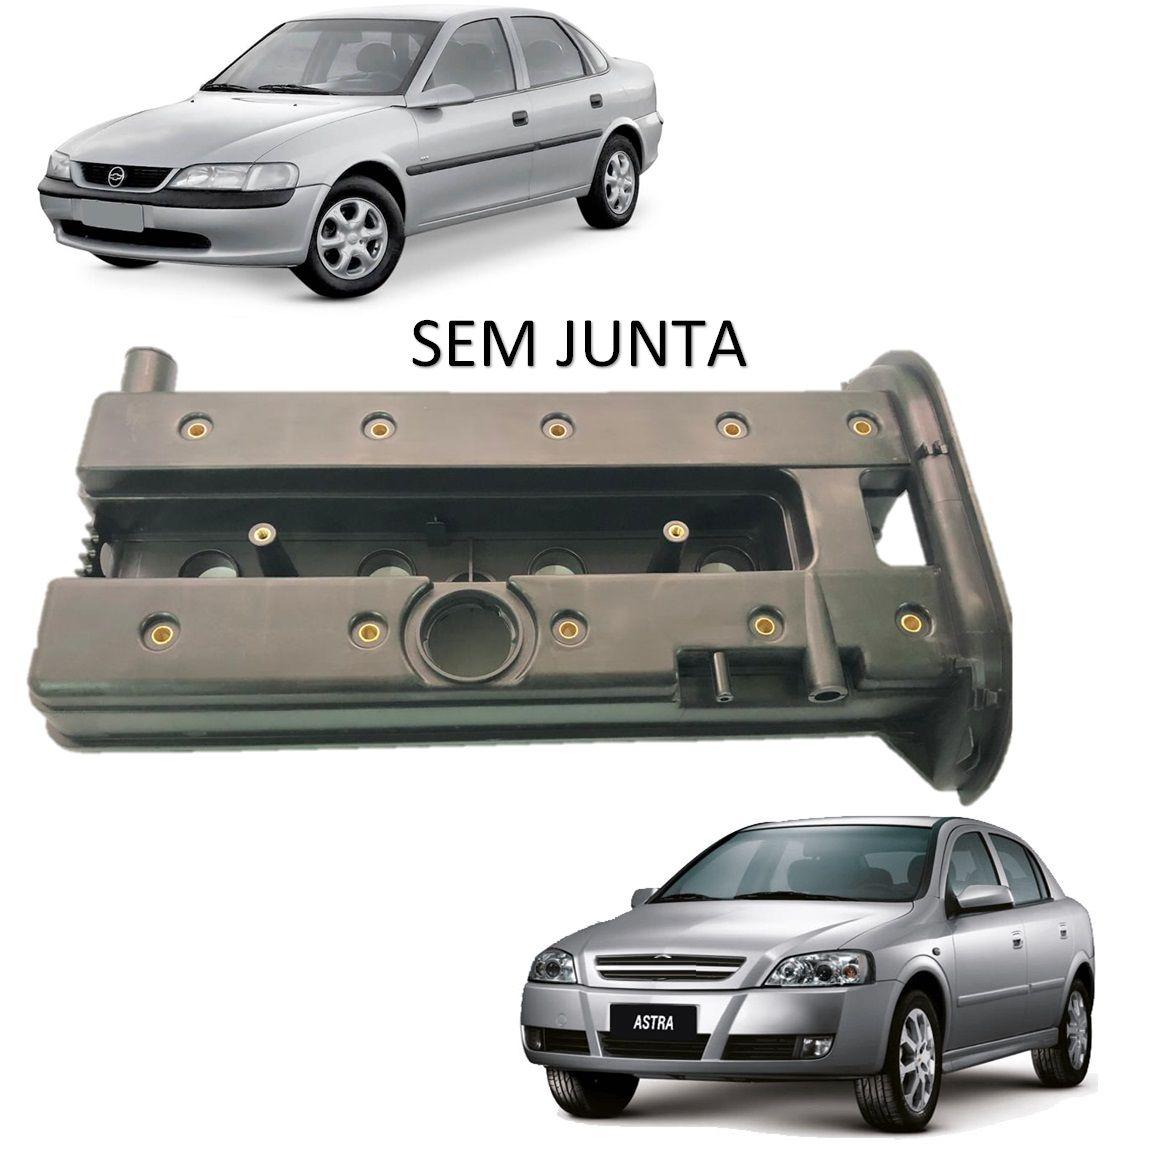 Tampa Comando Válvulas Motores 2.0 2.2 2.4 16v Vectra 16V 1993 1994 1995 1996 1997 1998 1999 2000 2001 2002 2003 2004 2005 2006 2007 2008 2009 2010 2011 2012  Astra Zafira